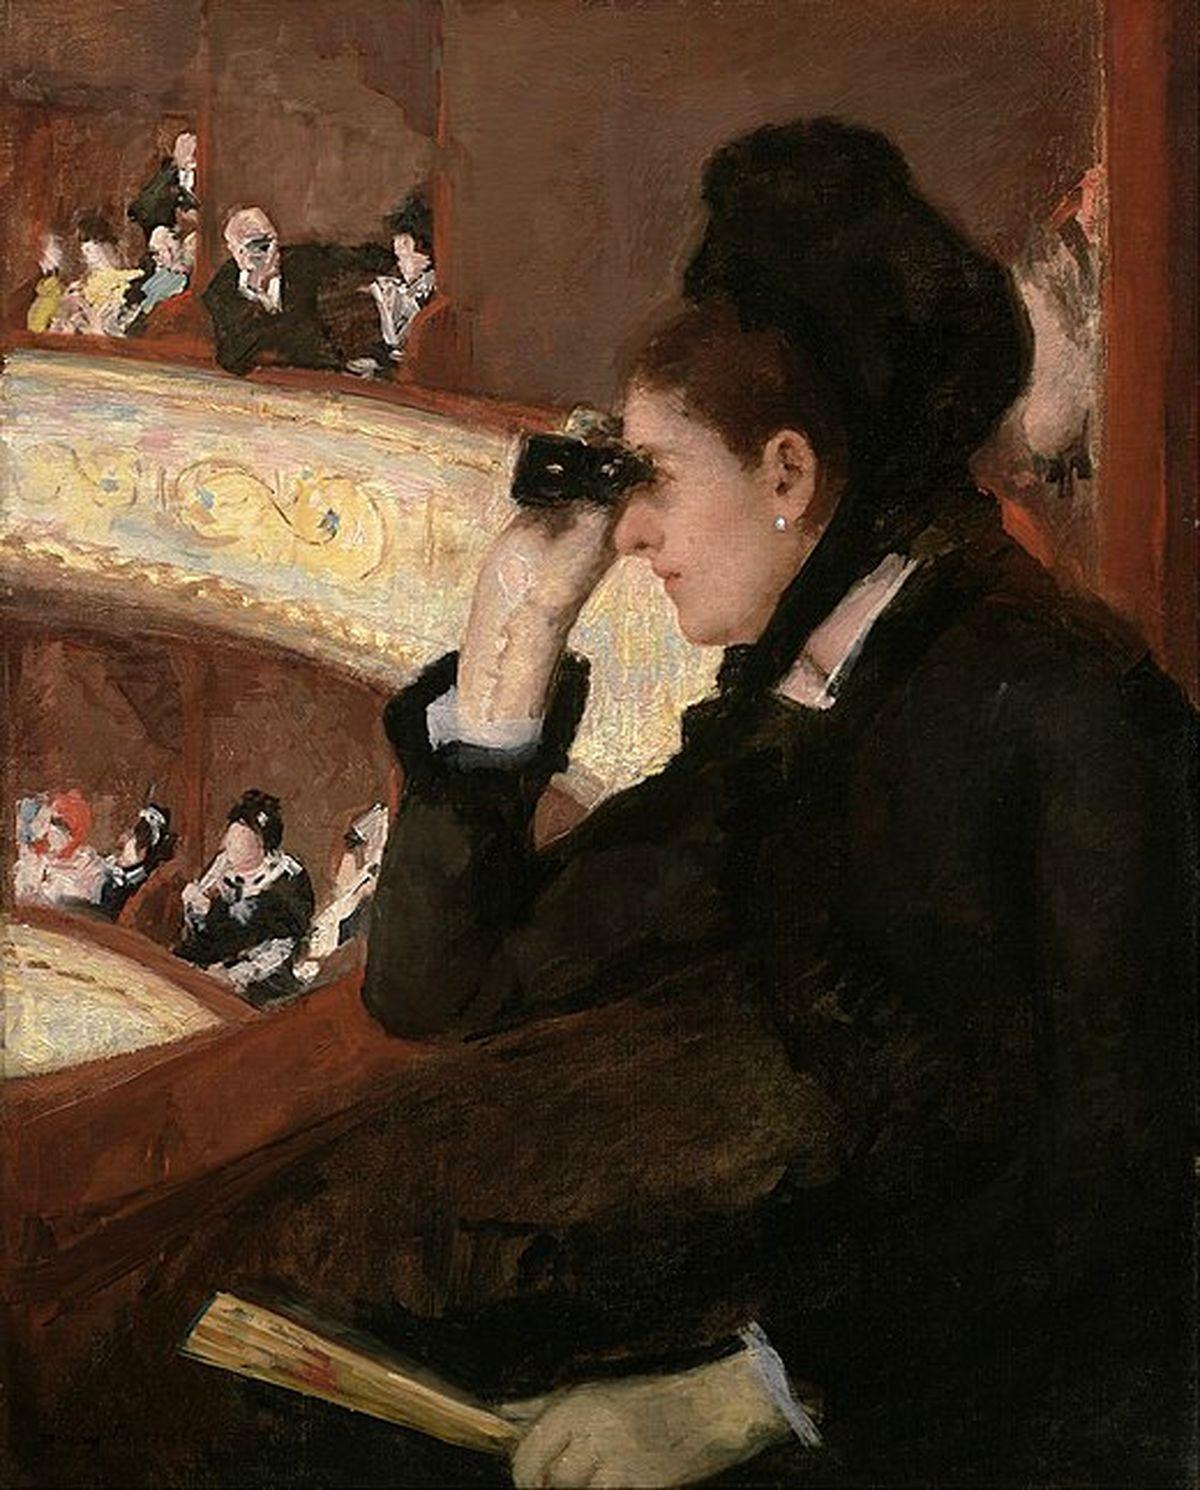 زنِ هنرمندی که تاثیر بزرگی بر هنر امریکا گذاشت ولی امروز، دیگر مشهور نیست